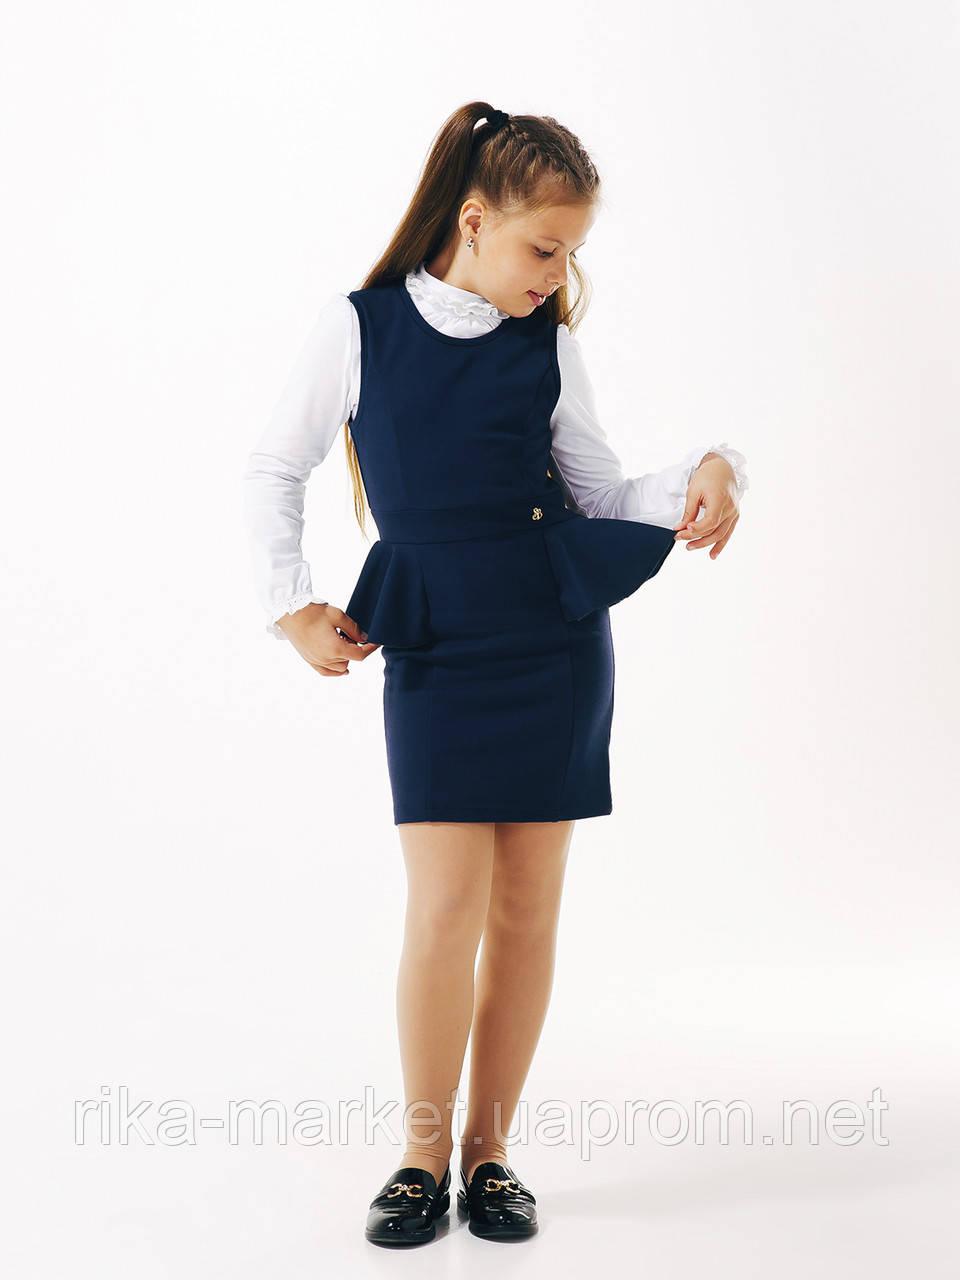 Нарядный сарафан для девочки, ТМ Смил, 120230 возраст 8 лет